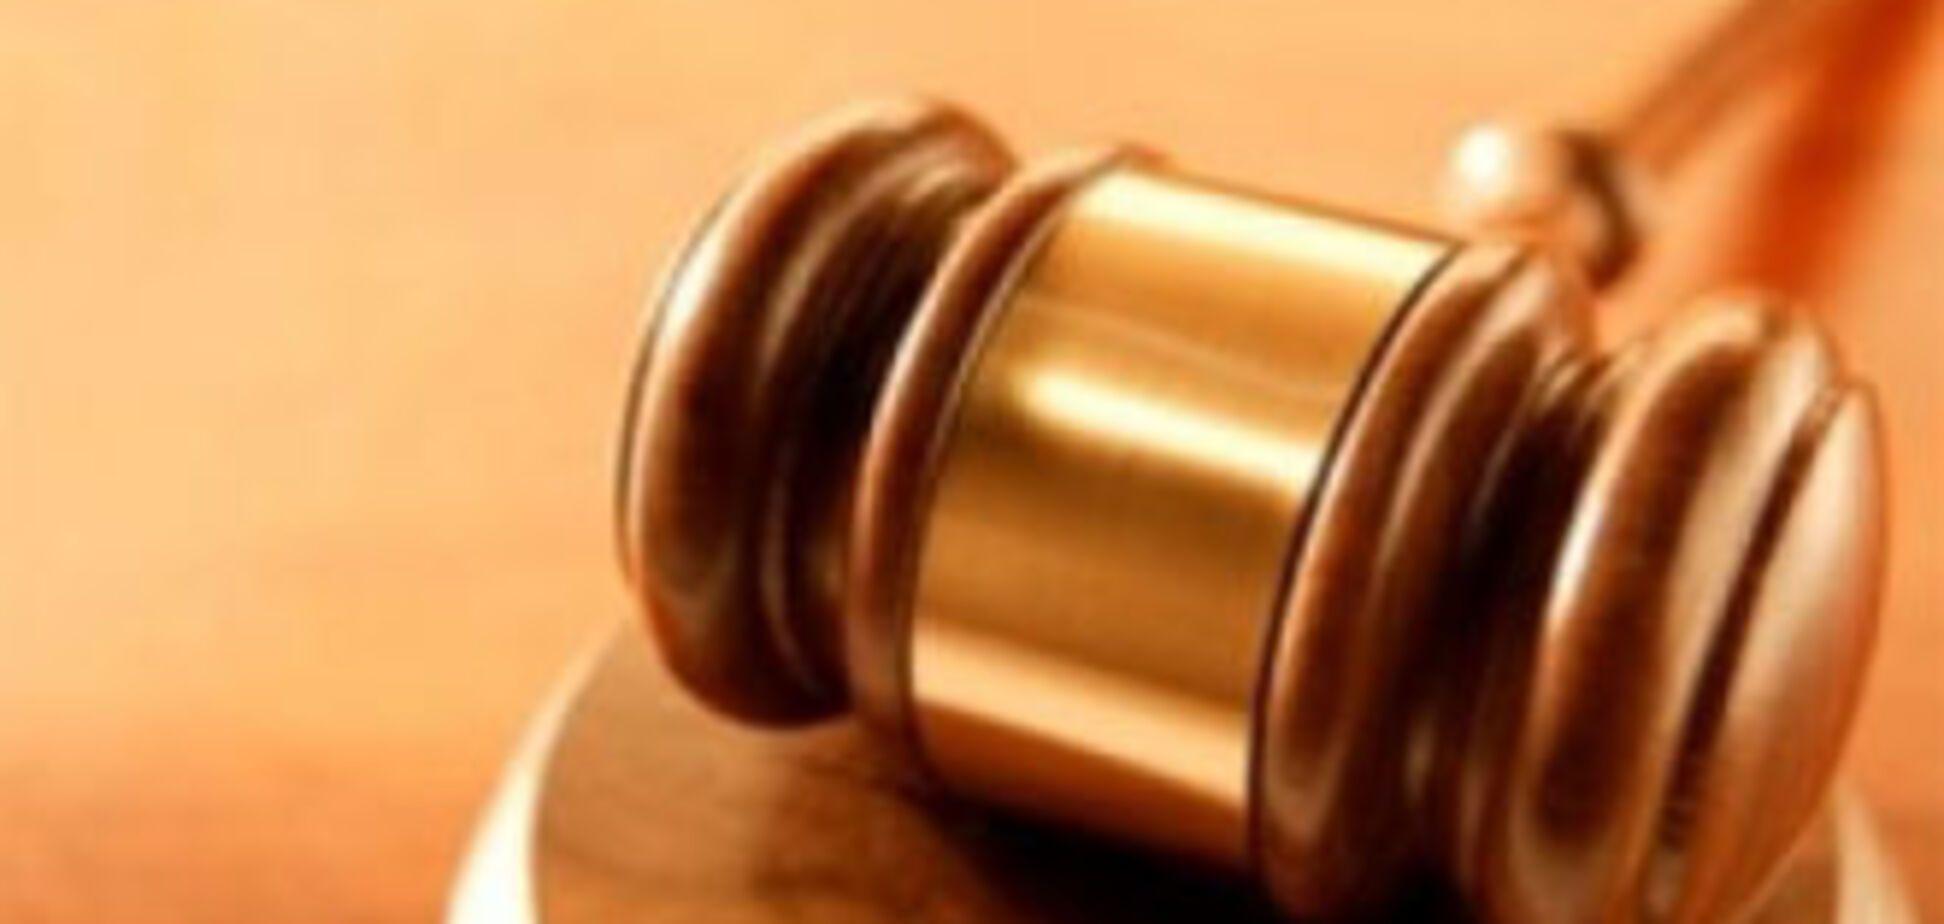 П'яний суддя влаштував ДТП і заснув на місці події